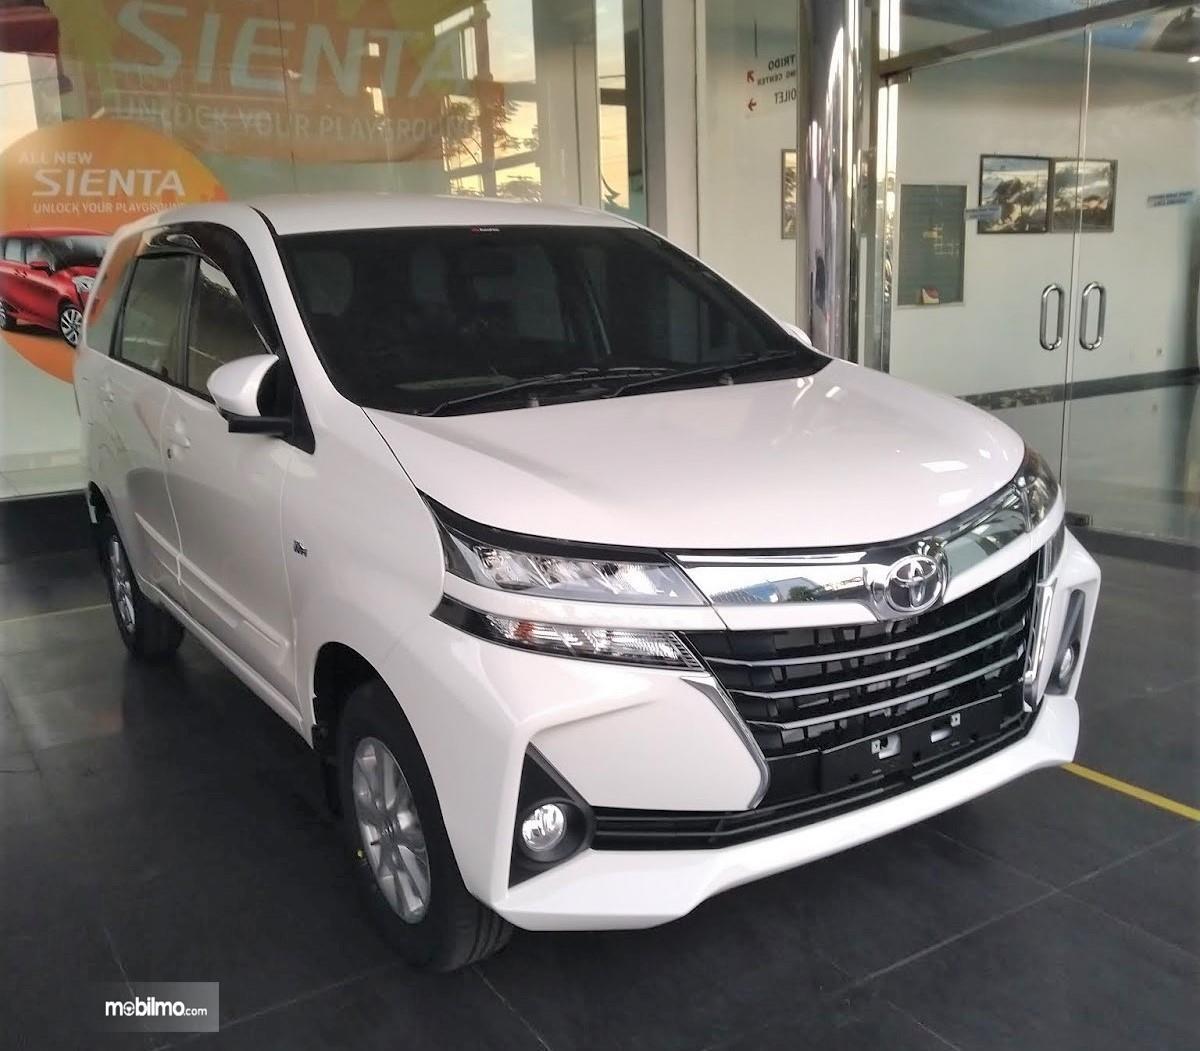 Foto Toyota Avanza 2019 di sebuah diler resmi. Dari depan tampak perubahan lebih kekinian